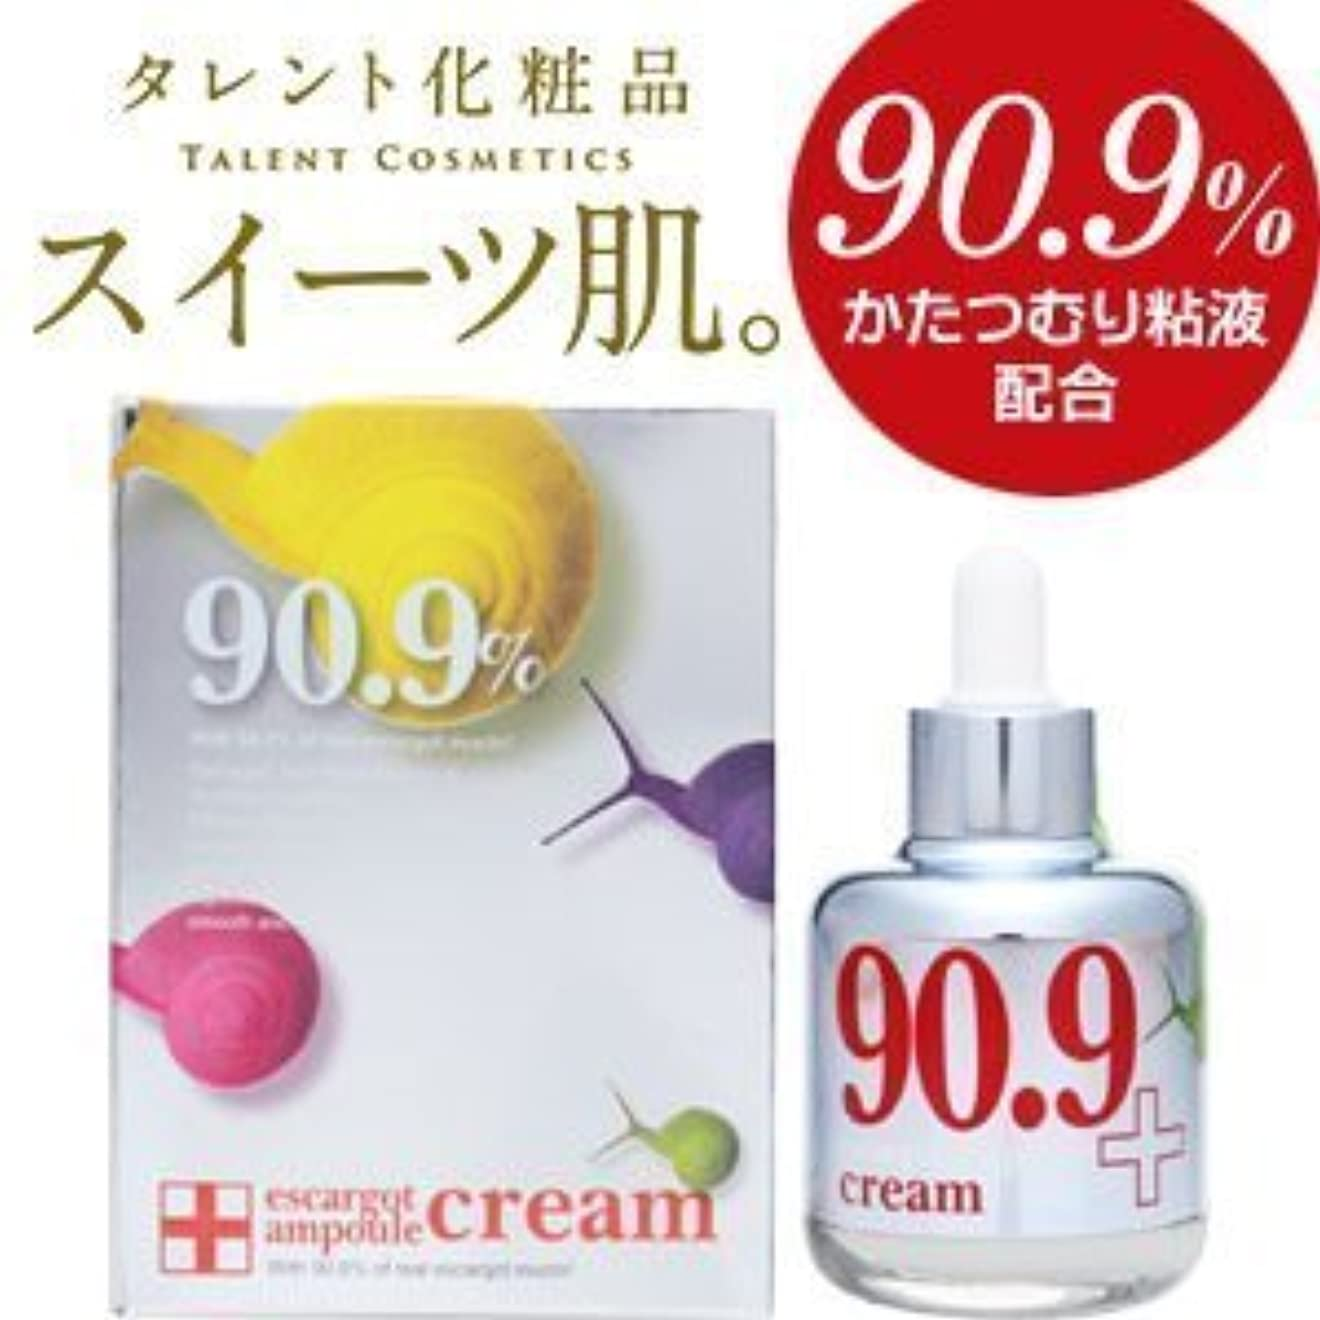 翻訳する矩形謝罪する【カタツムリクリーム】90.9%エスカルゴアンプルクリーム正規輸入品